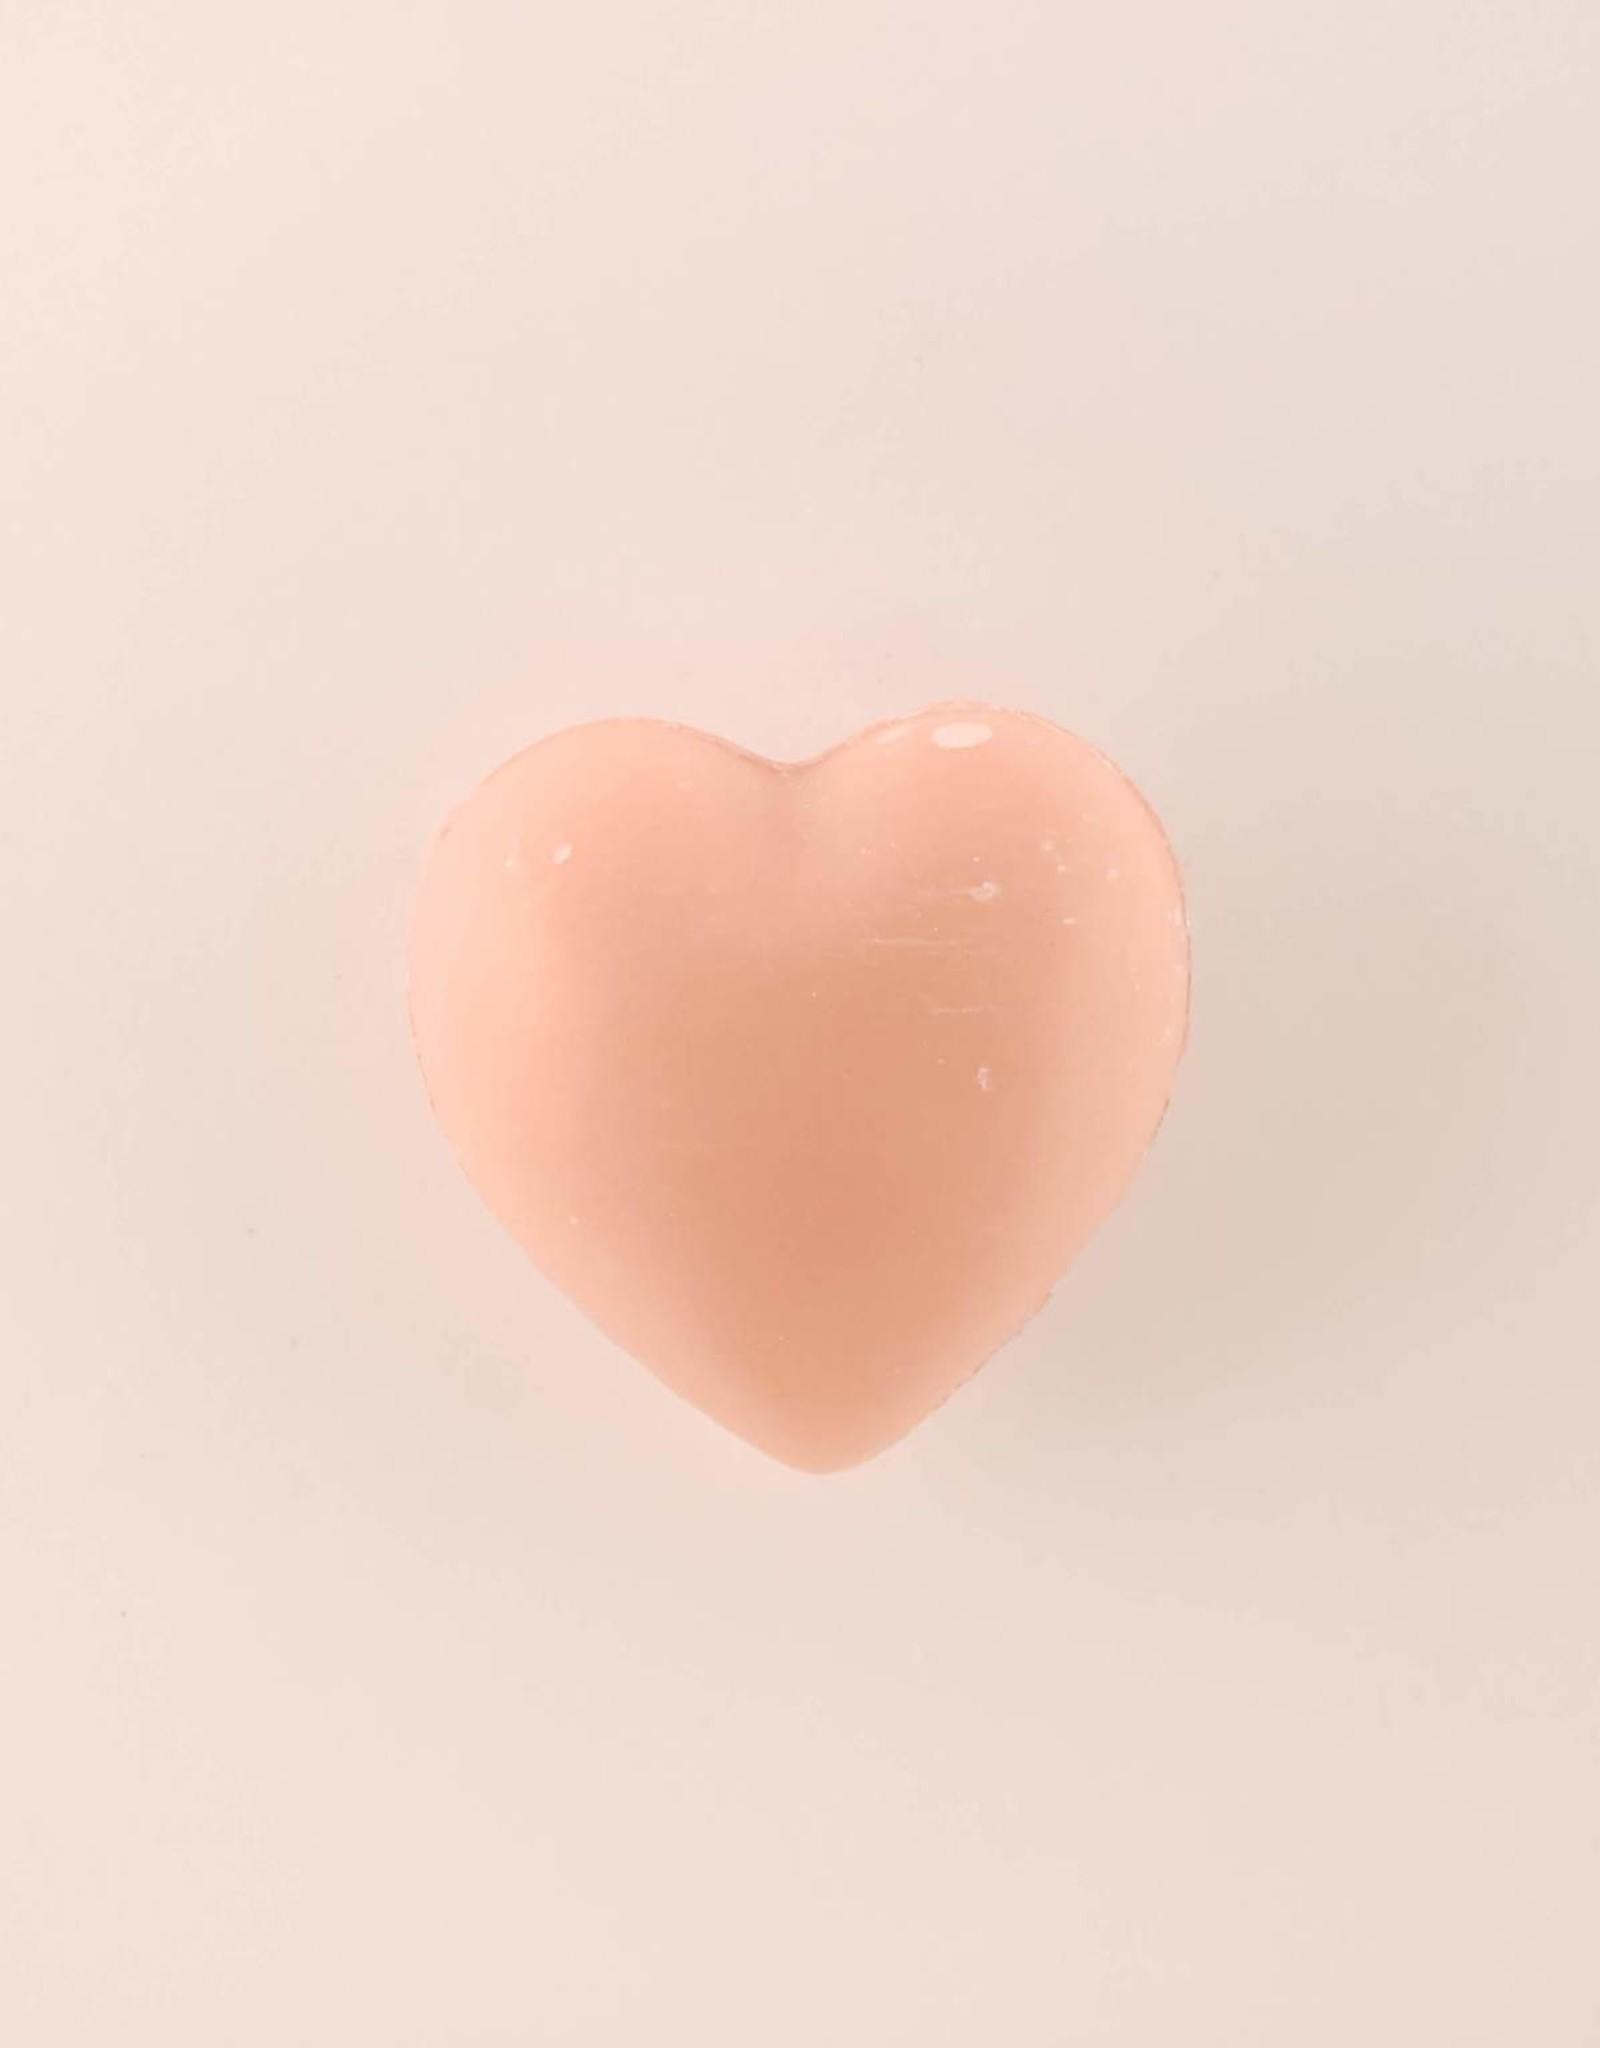 Rose 25g Heart Soap